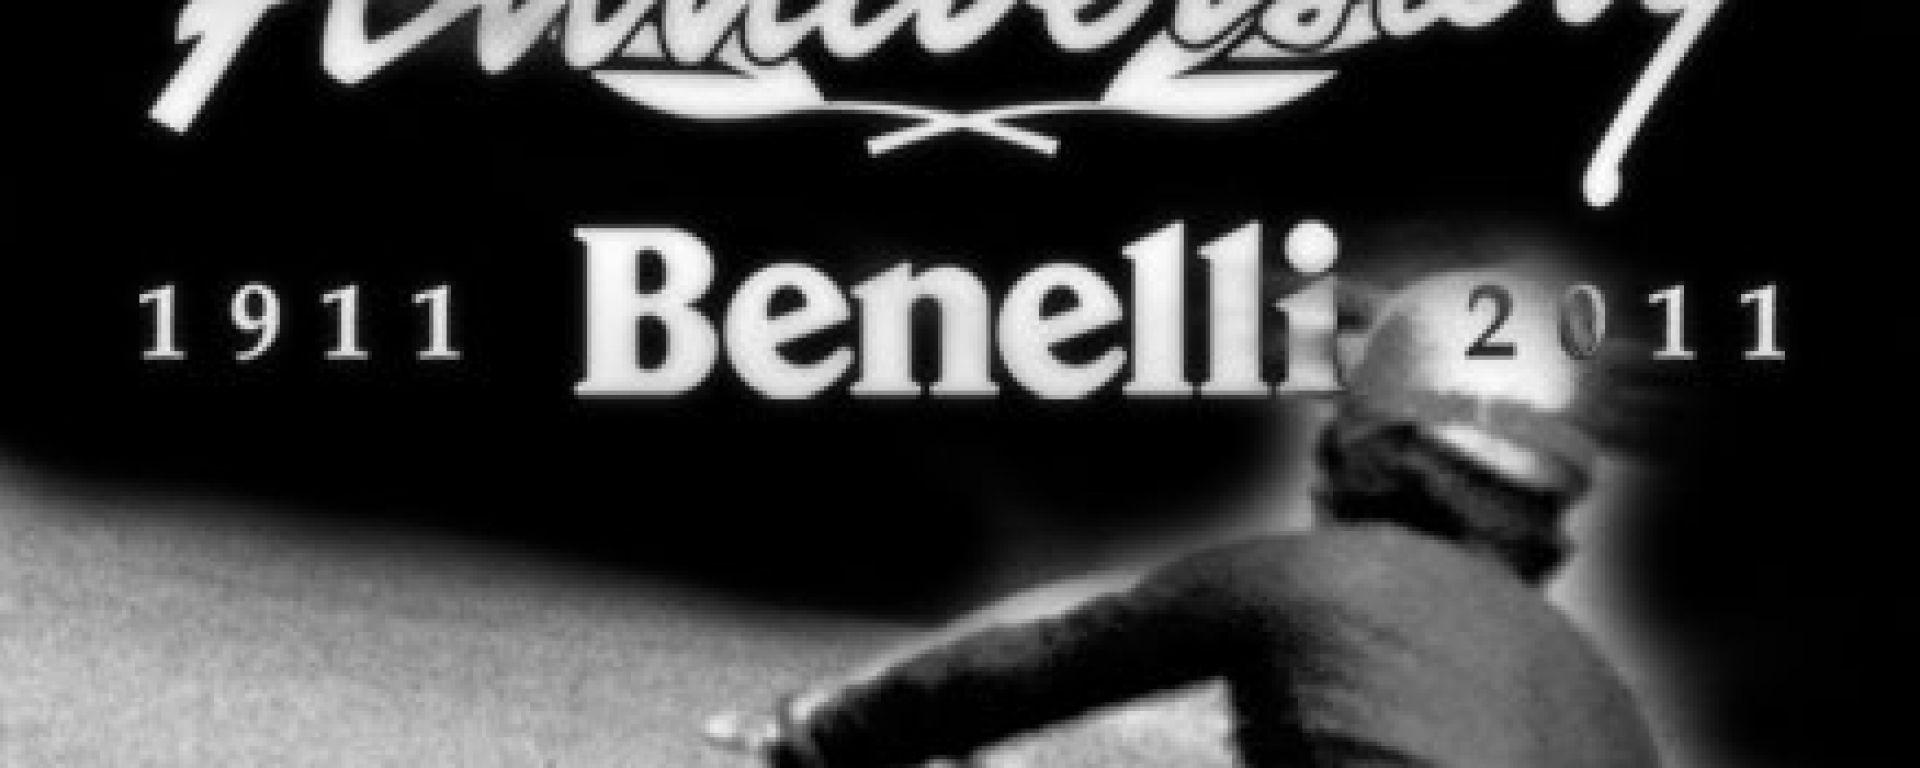 Benelli festeggia i suoi primi 100 anni